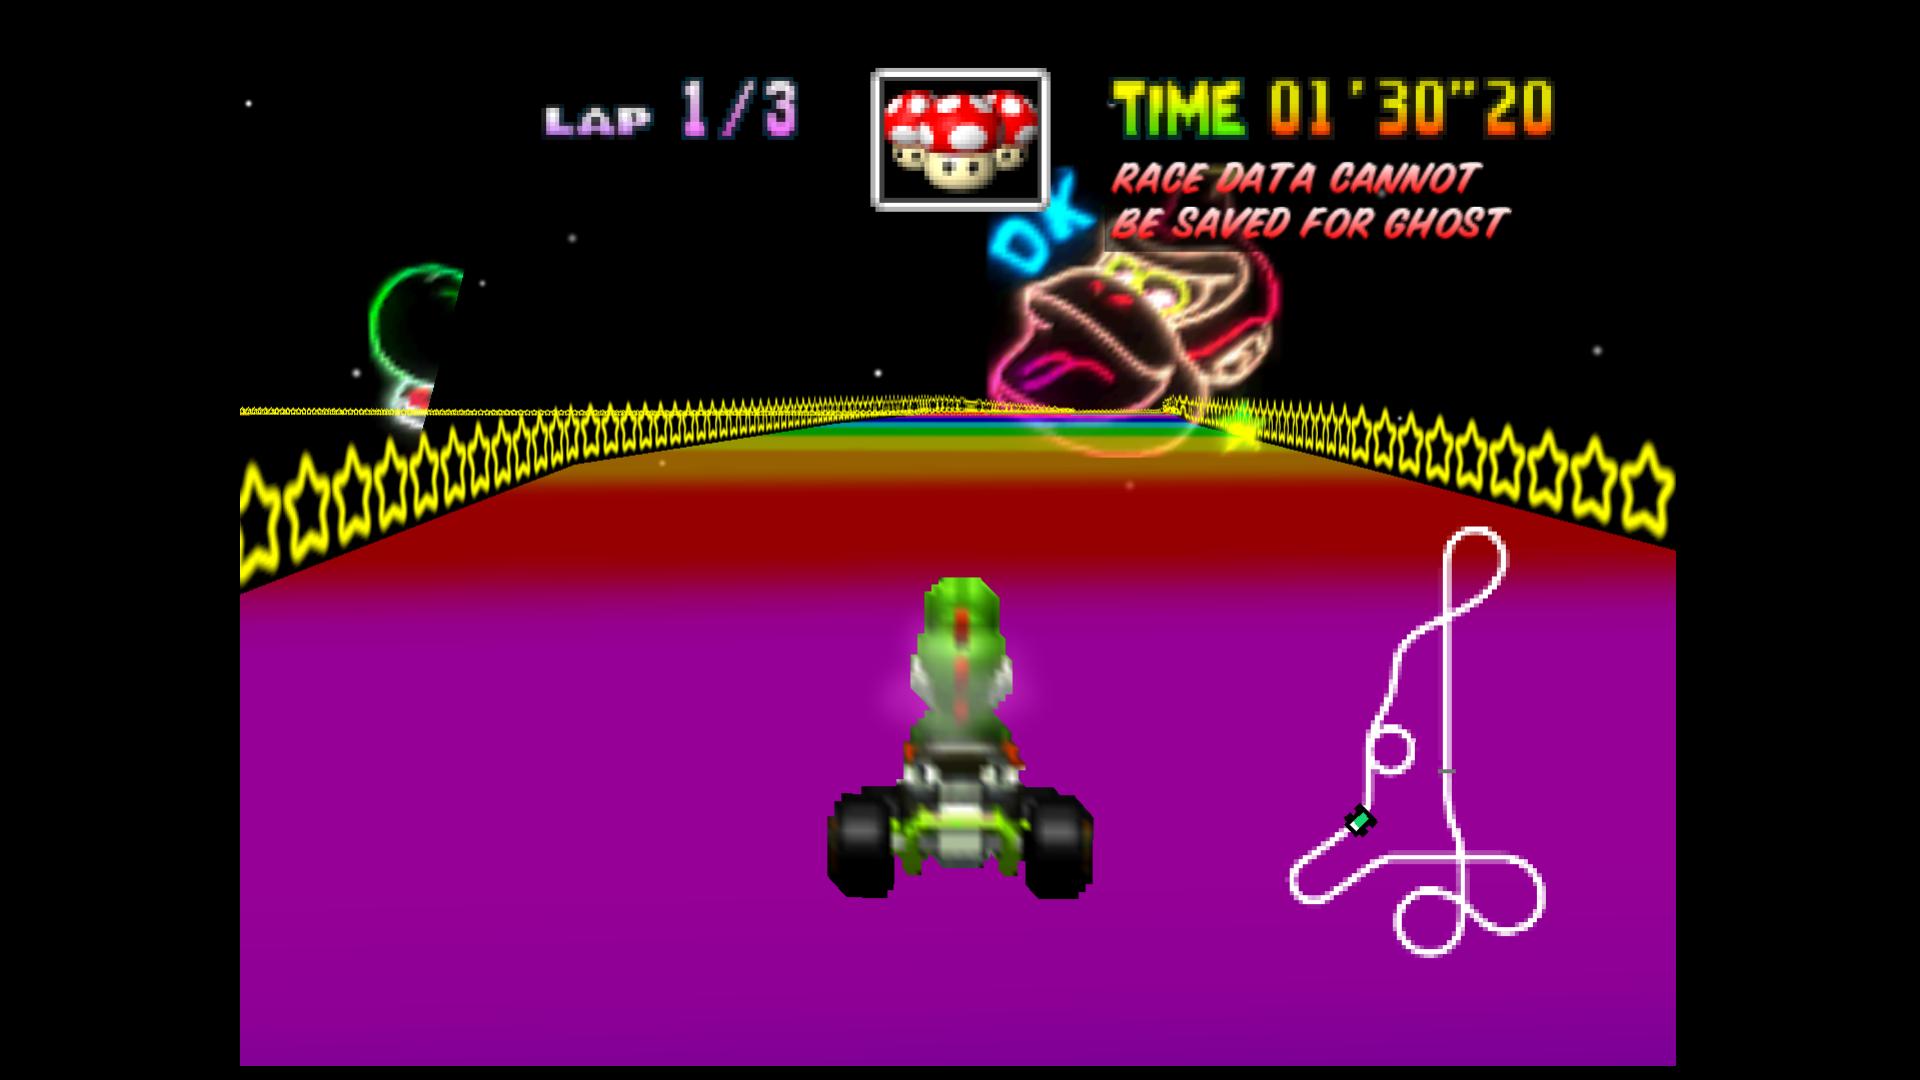 Mario Kart 64 Minor Graphic Glitches Update Issue 1756